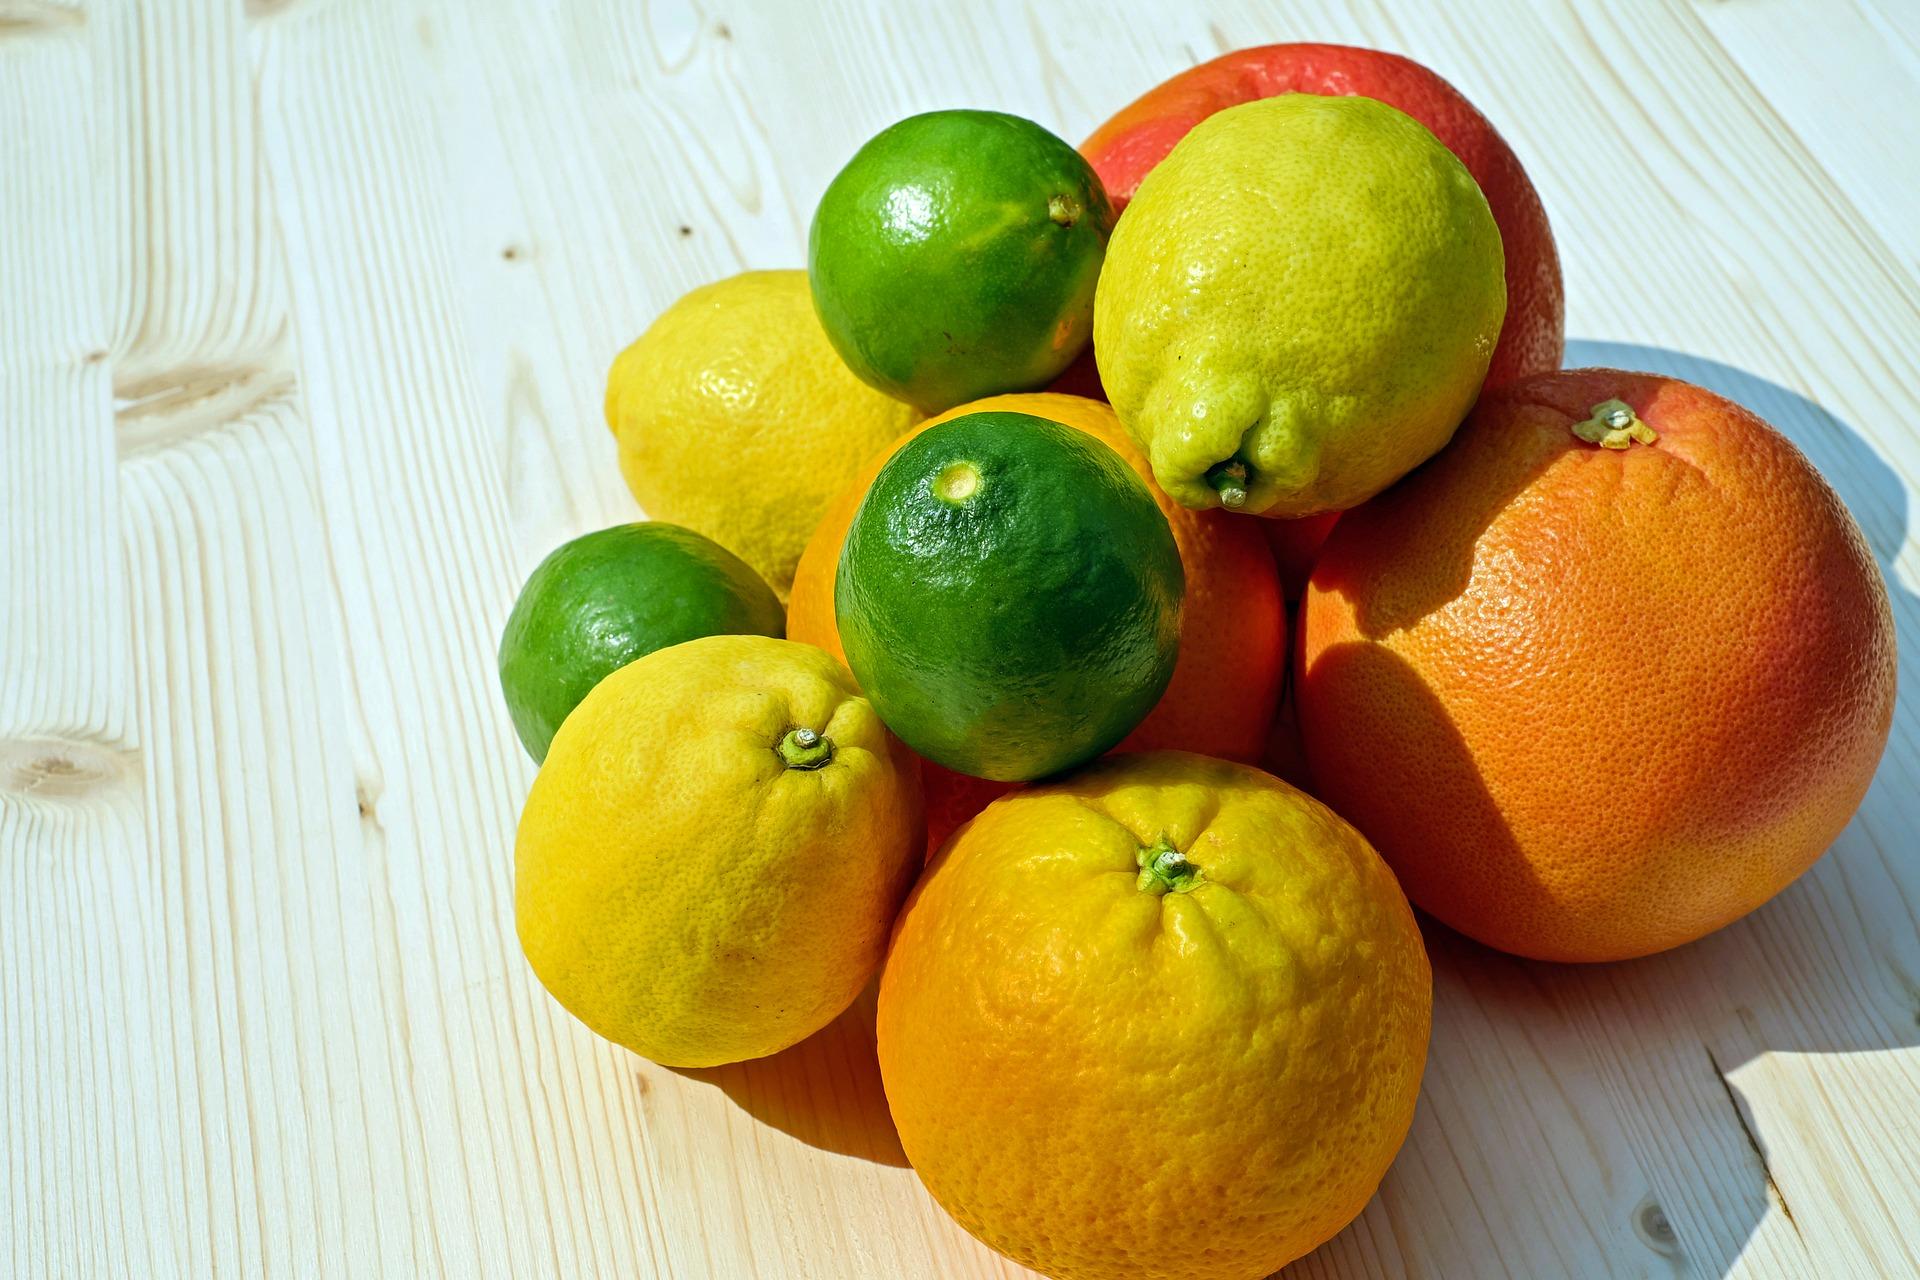 fruit-2428809_1920.jpg